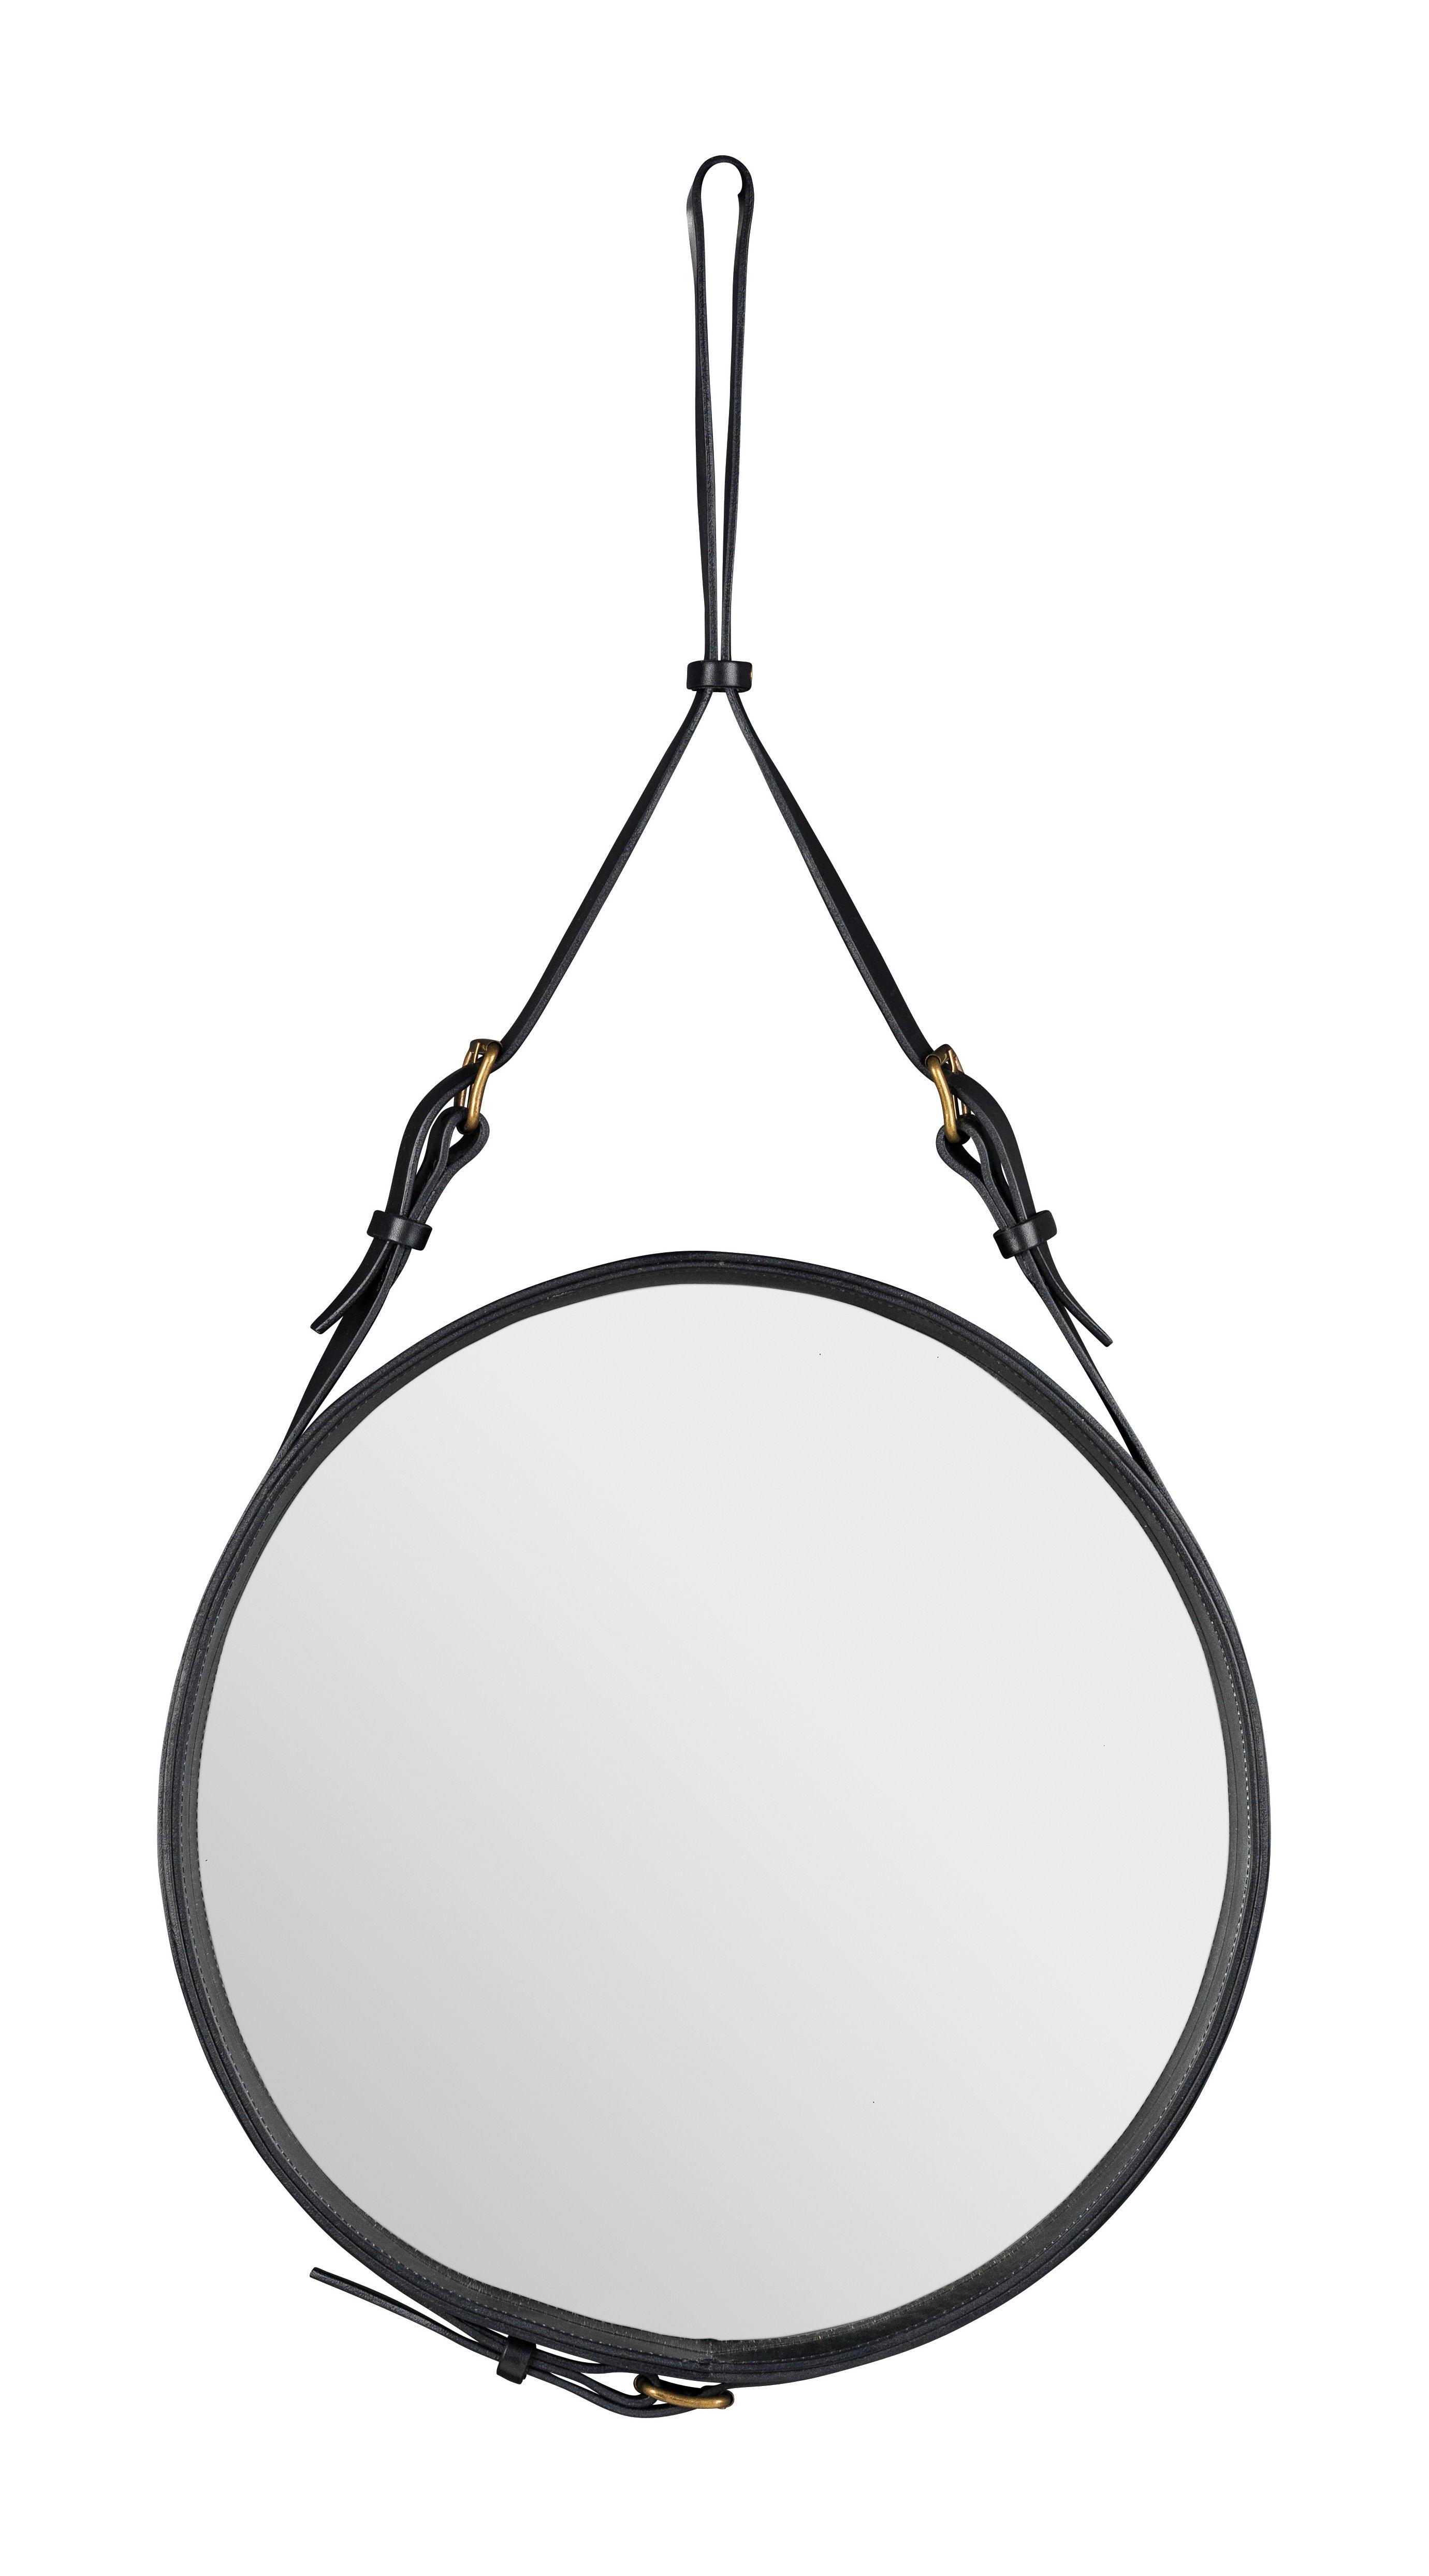 Mobilier - Miroirs - Miroir mural Adnet / Ø 45 cm - Réédition 50' - Gubi - Noir - Cuir